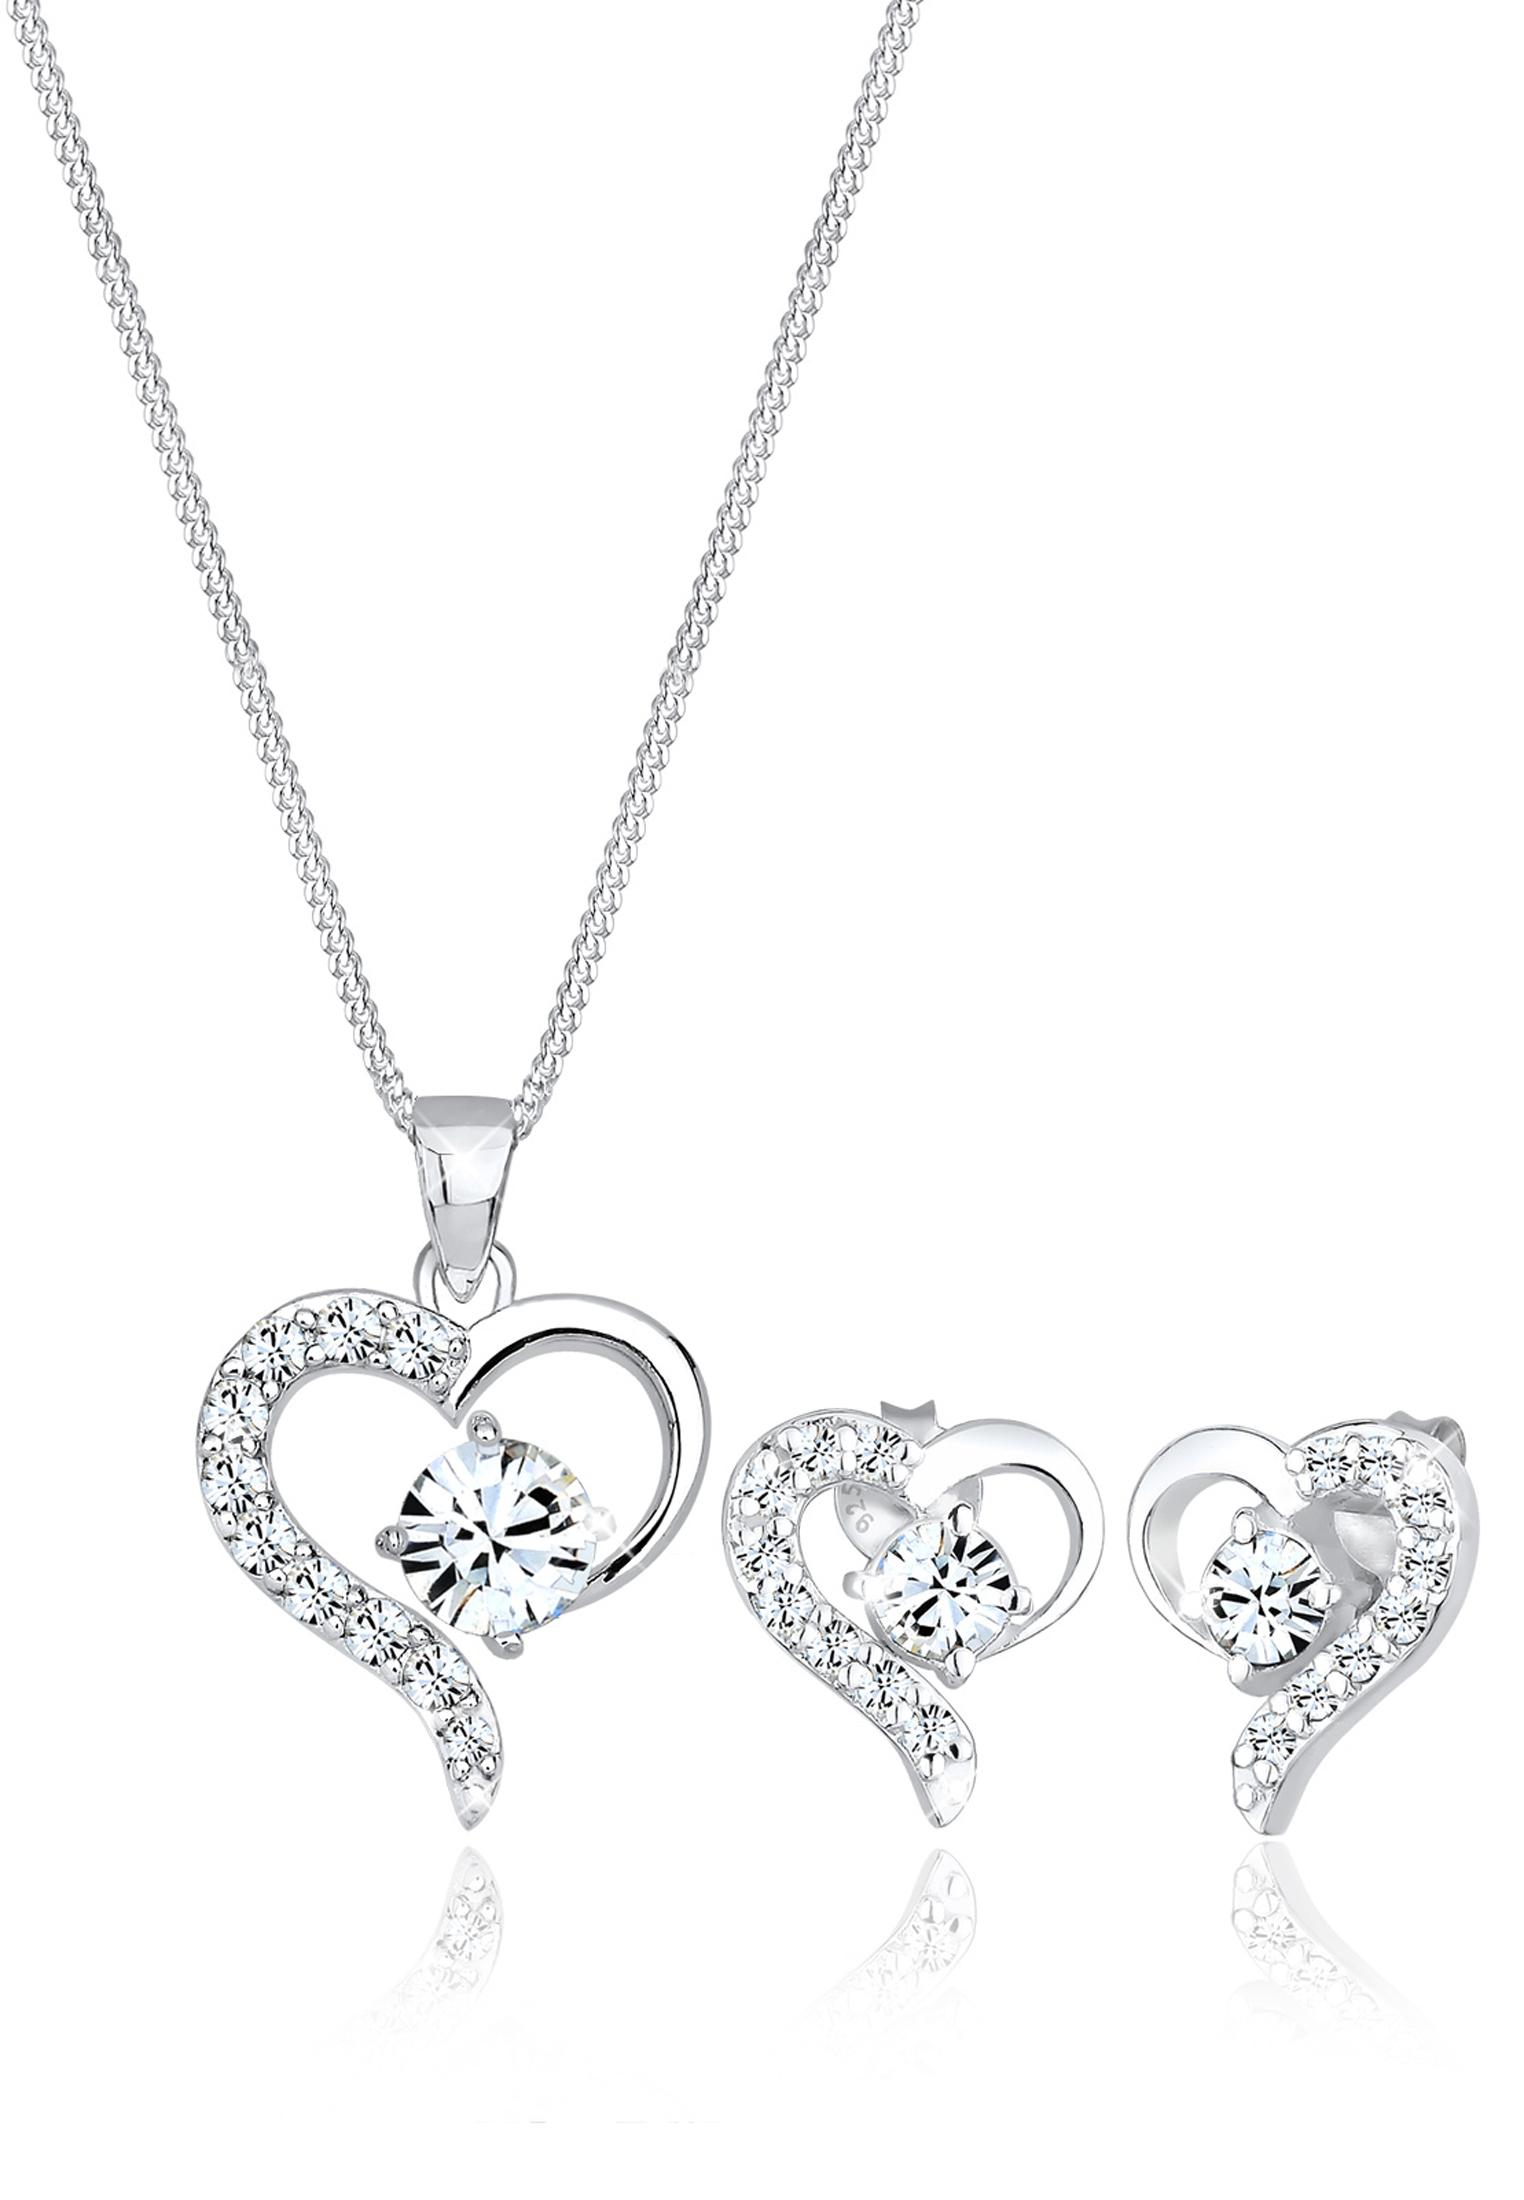 Schmuckset Herz   Kristall ( Weiß )   925er Sterling Silber